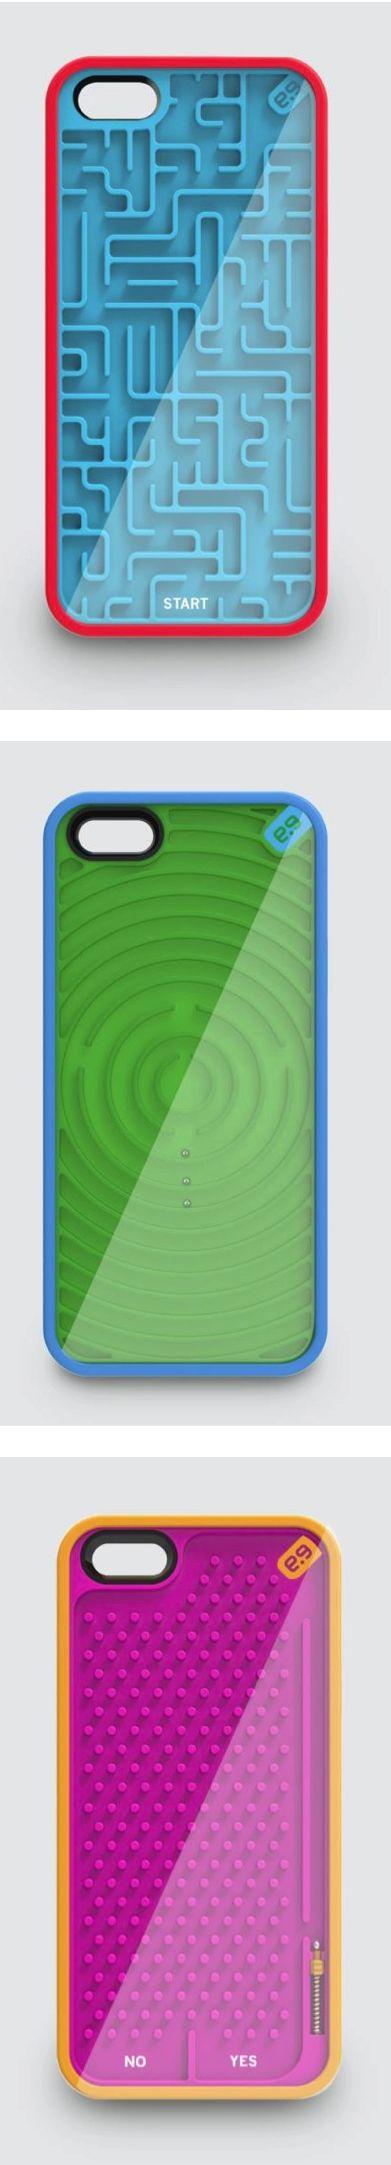 Case pour iPhone avec des obstacles et des labyrinthes dessus le case pour iPhone!